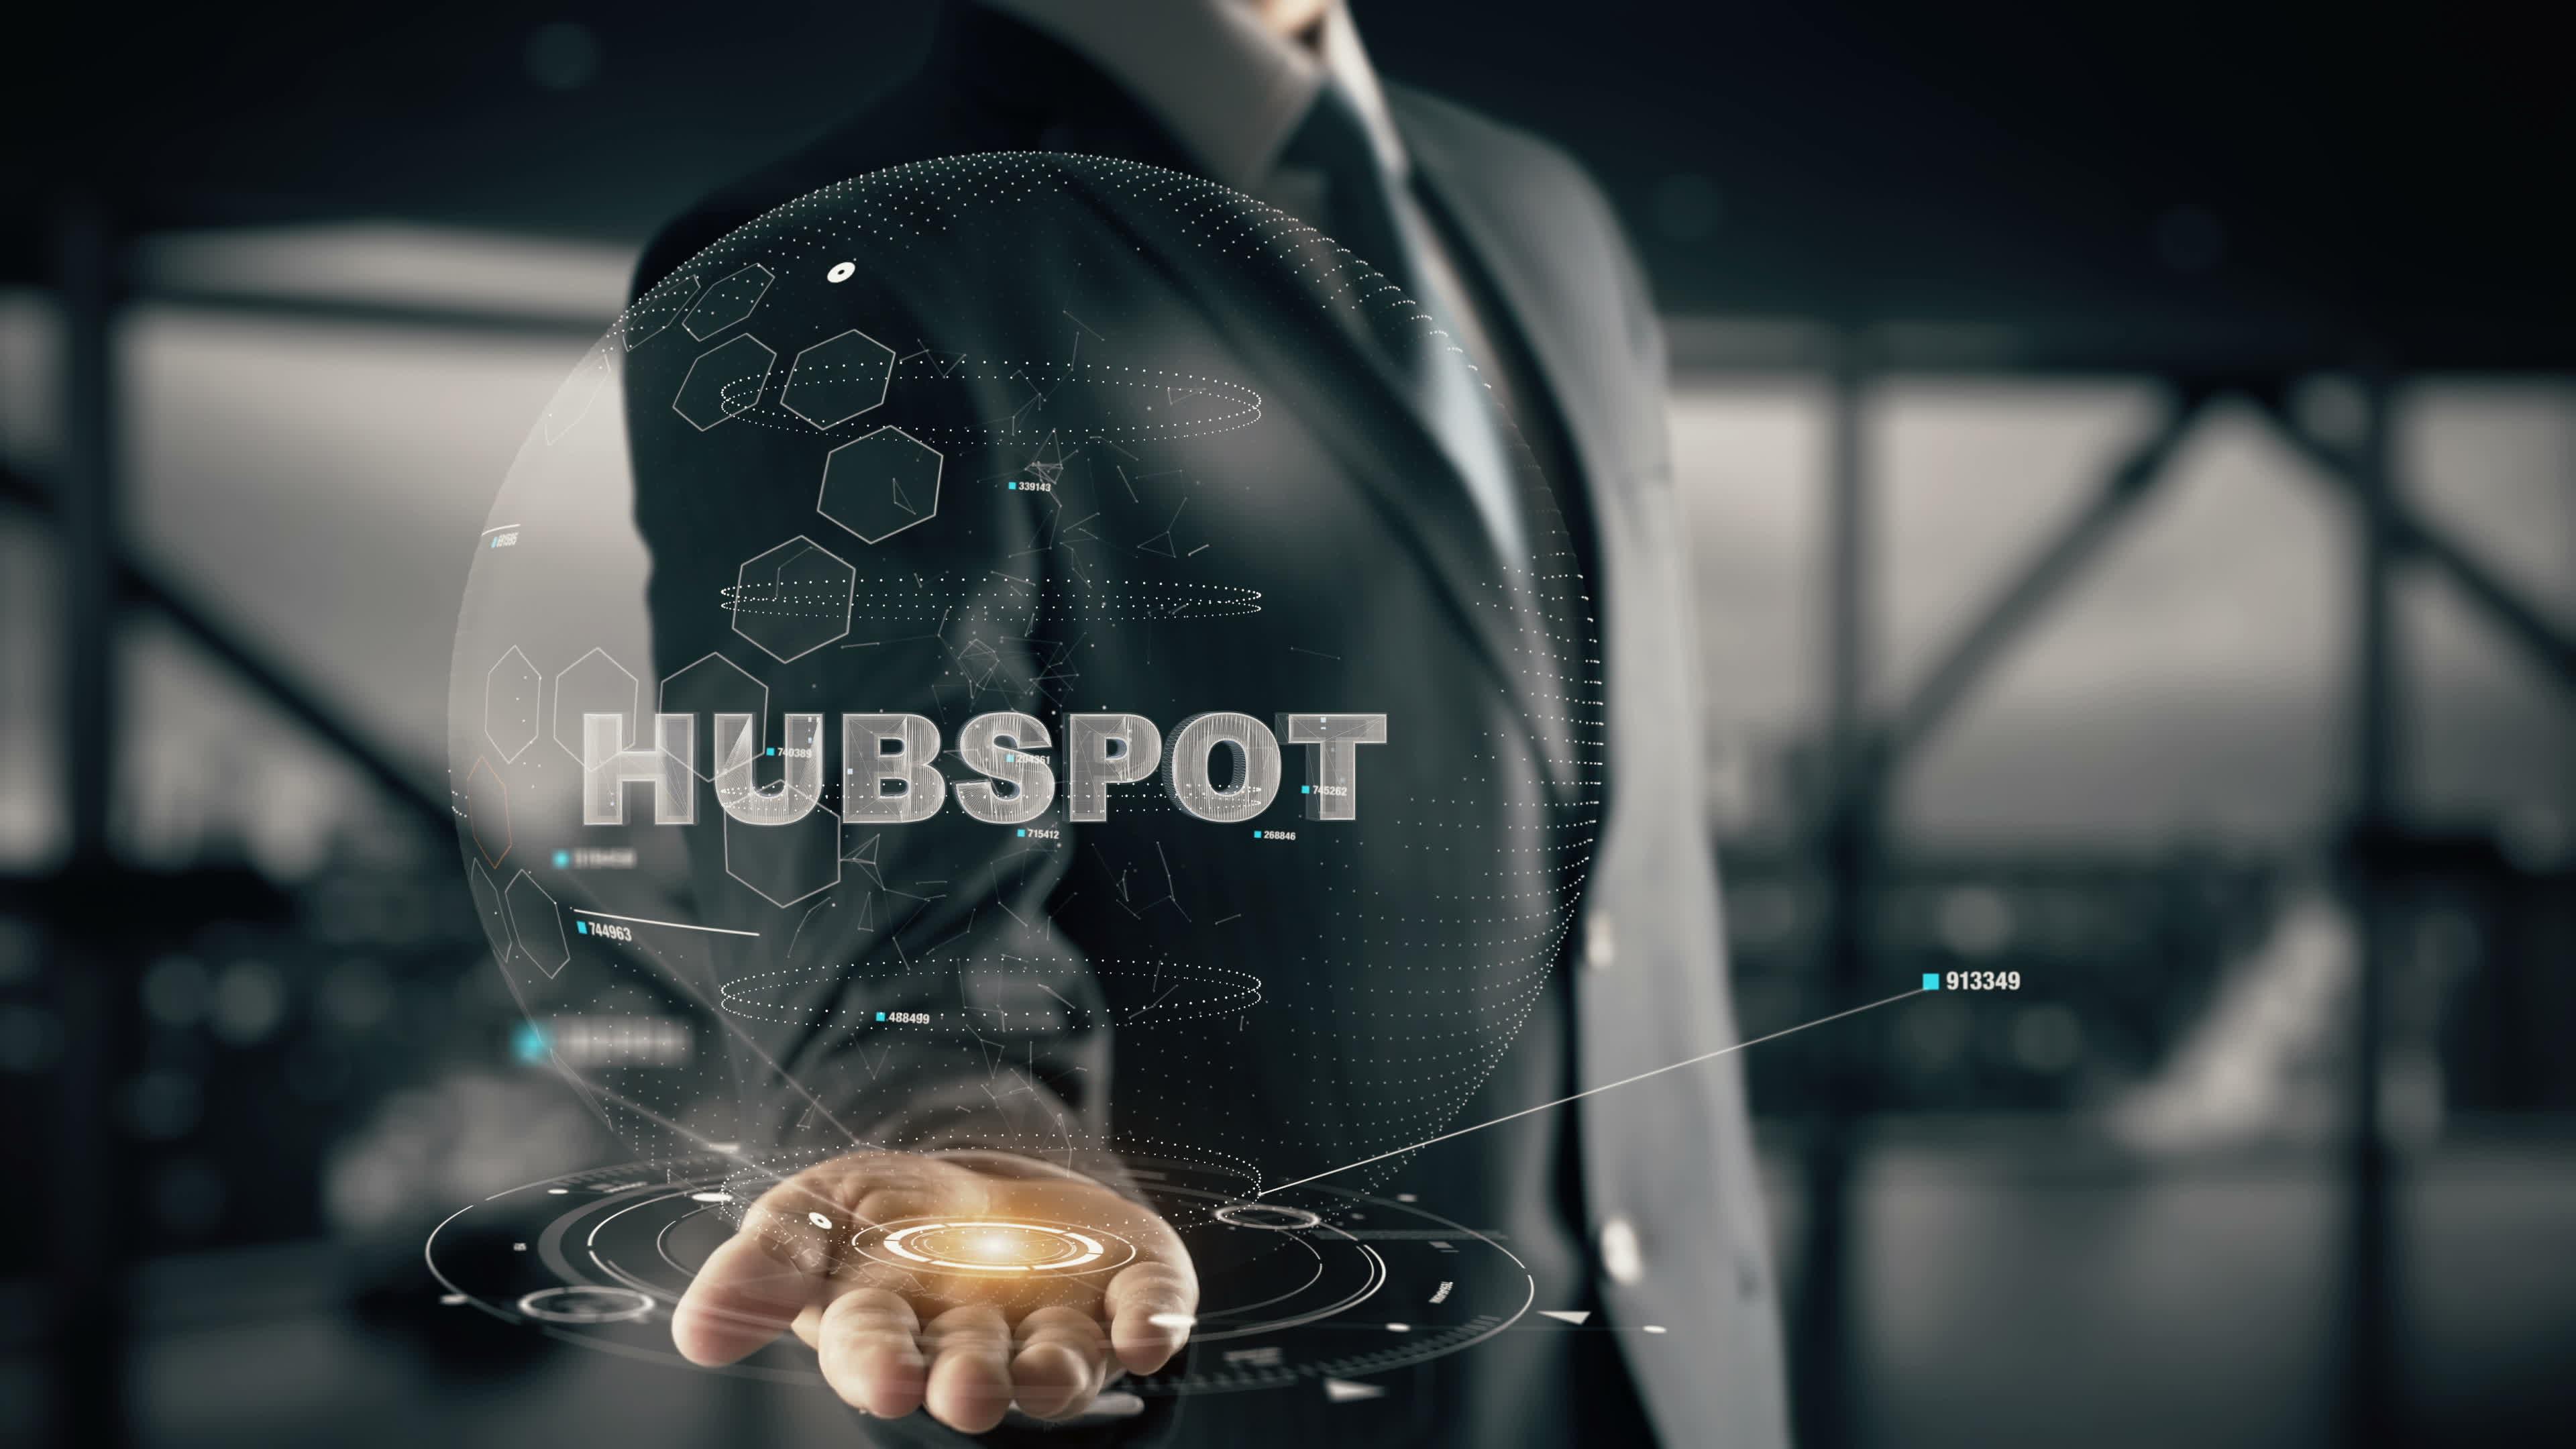 freeeも連携!Hubspotと連携できる外部サービス一覧【2020年最新版】